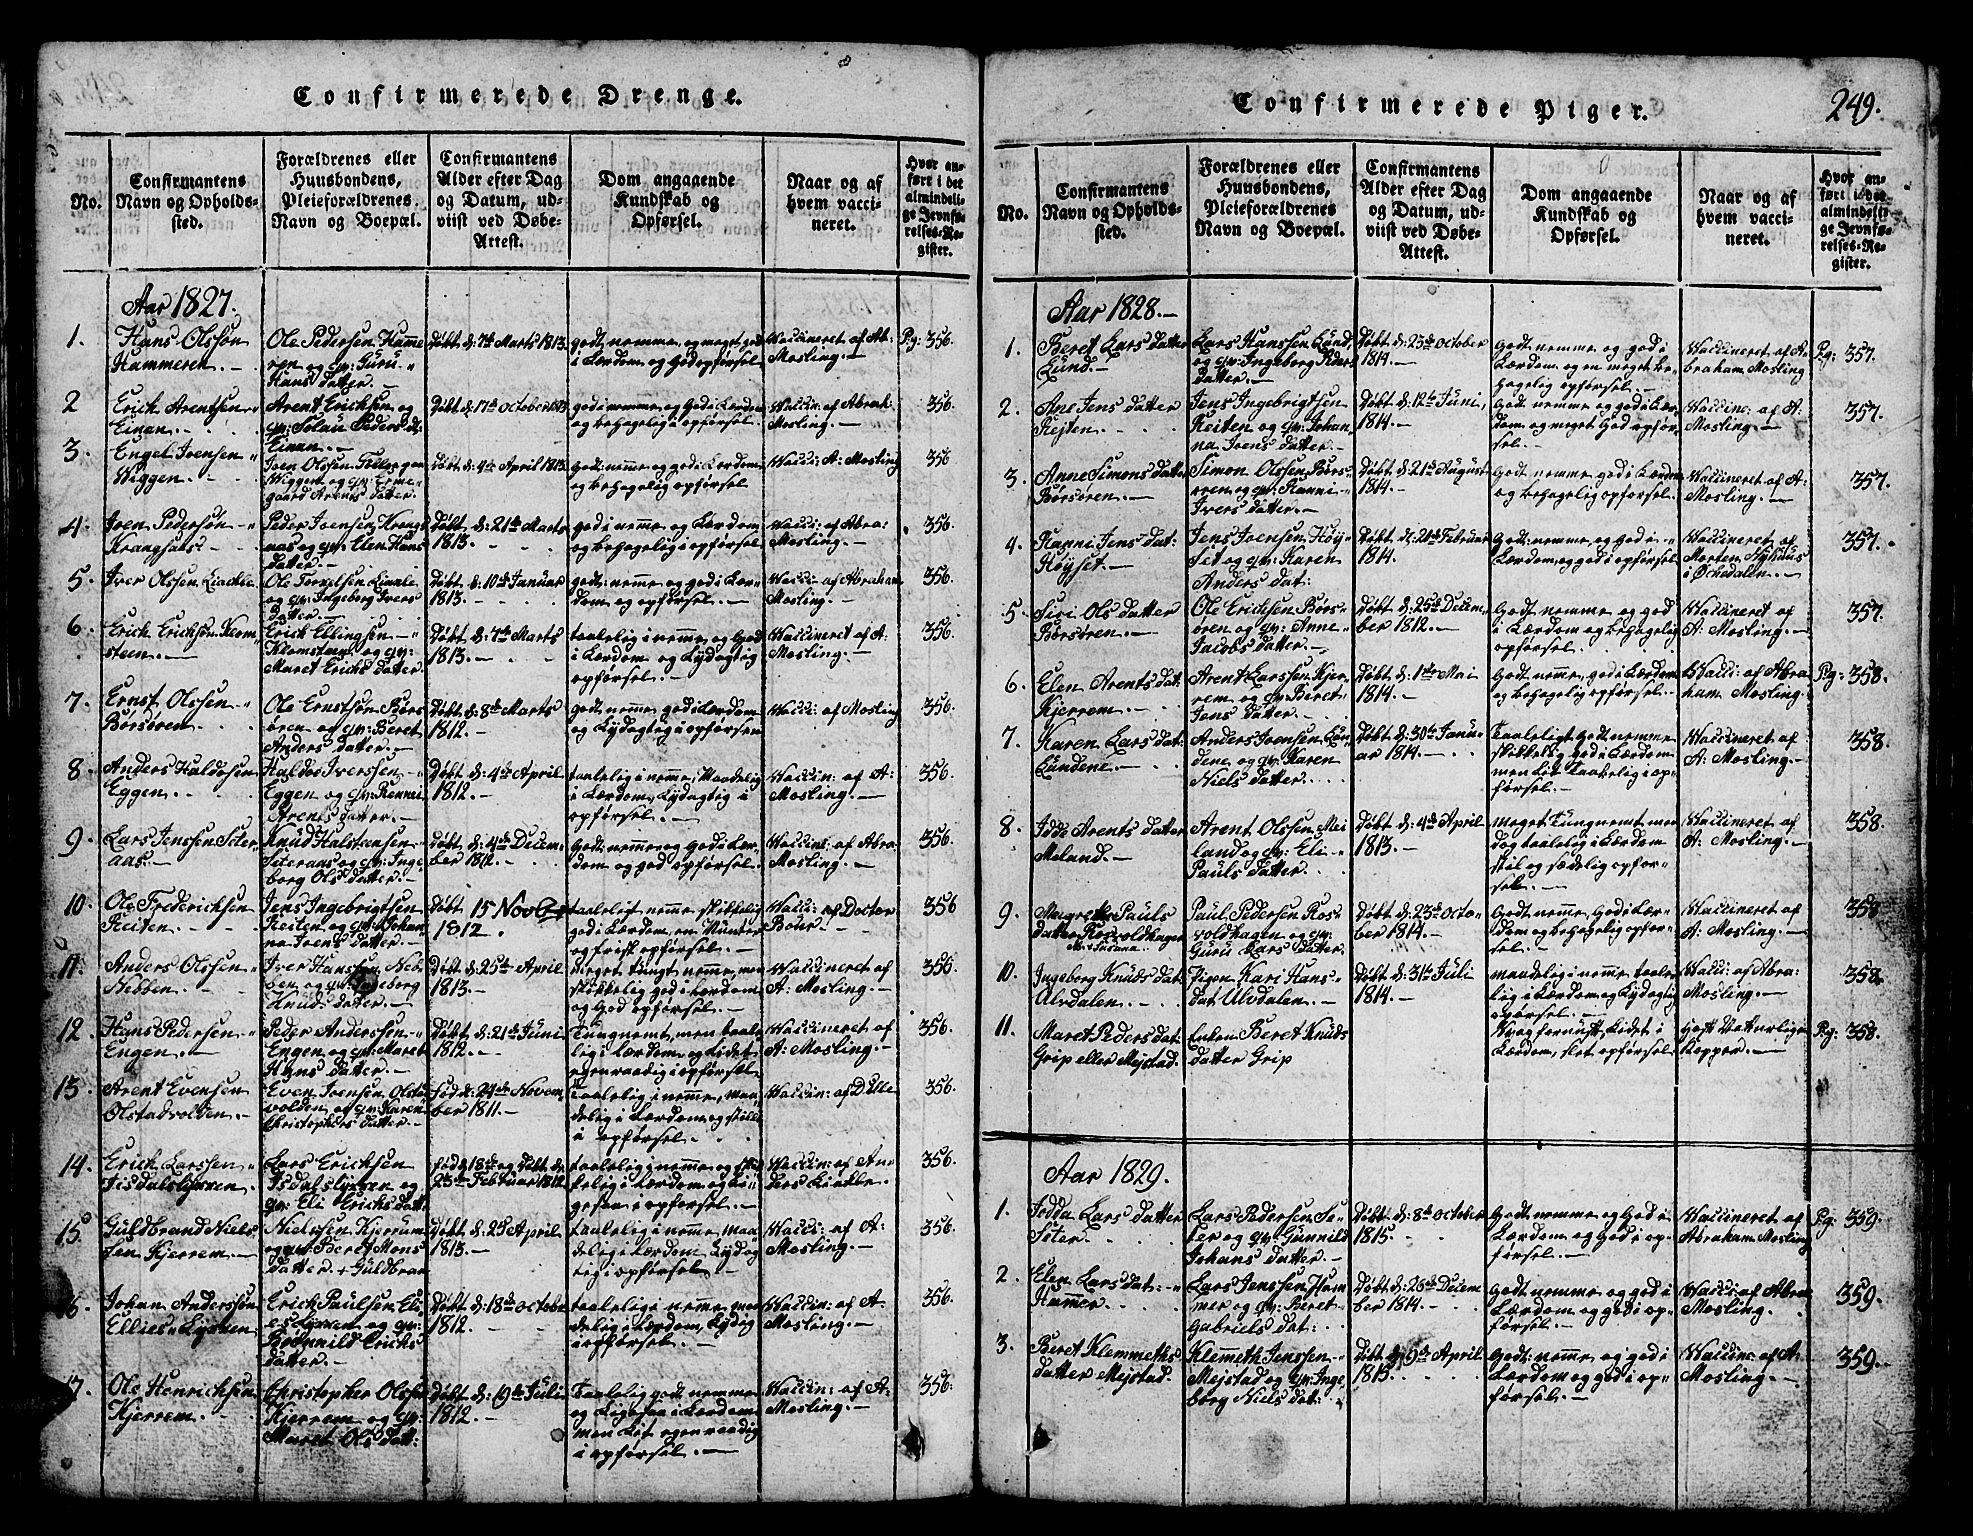 SAT, Ministerialprotokoller, klokkerbøker og fødselsregistre - Sør-Trøndelag, 665/L0776: Klokkerbok nr. 665C01, 1817-1837, s. 249